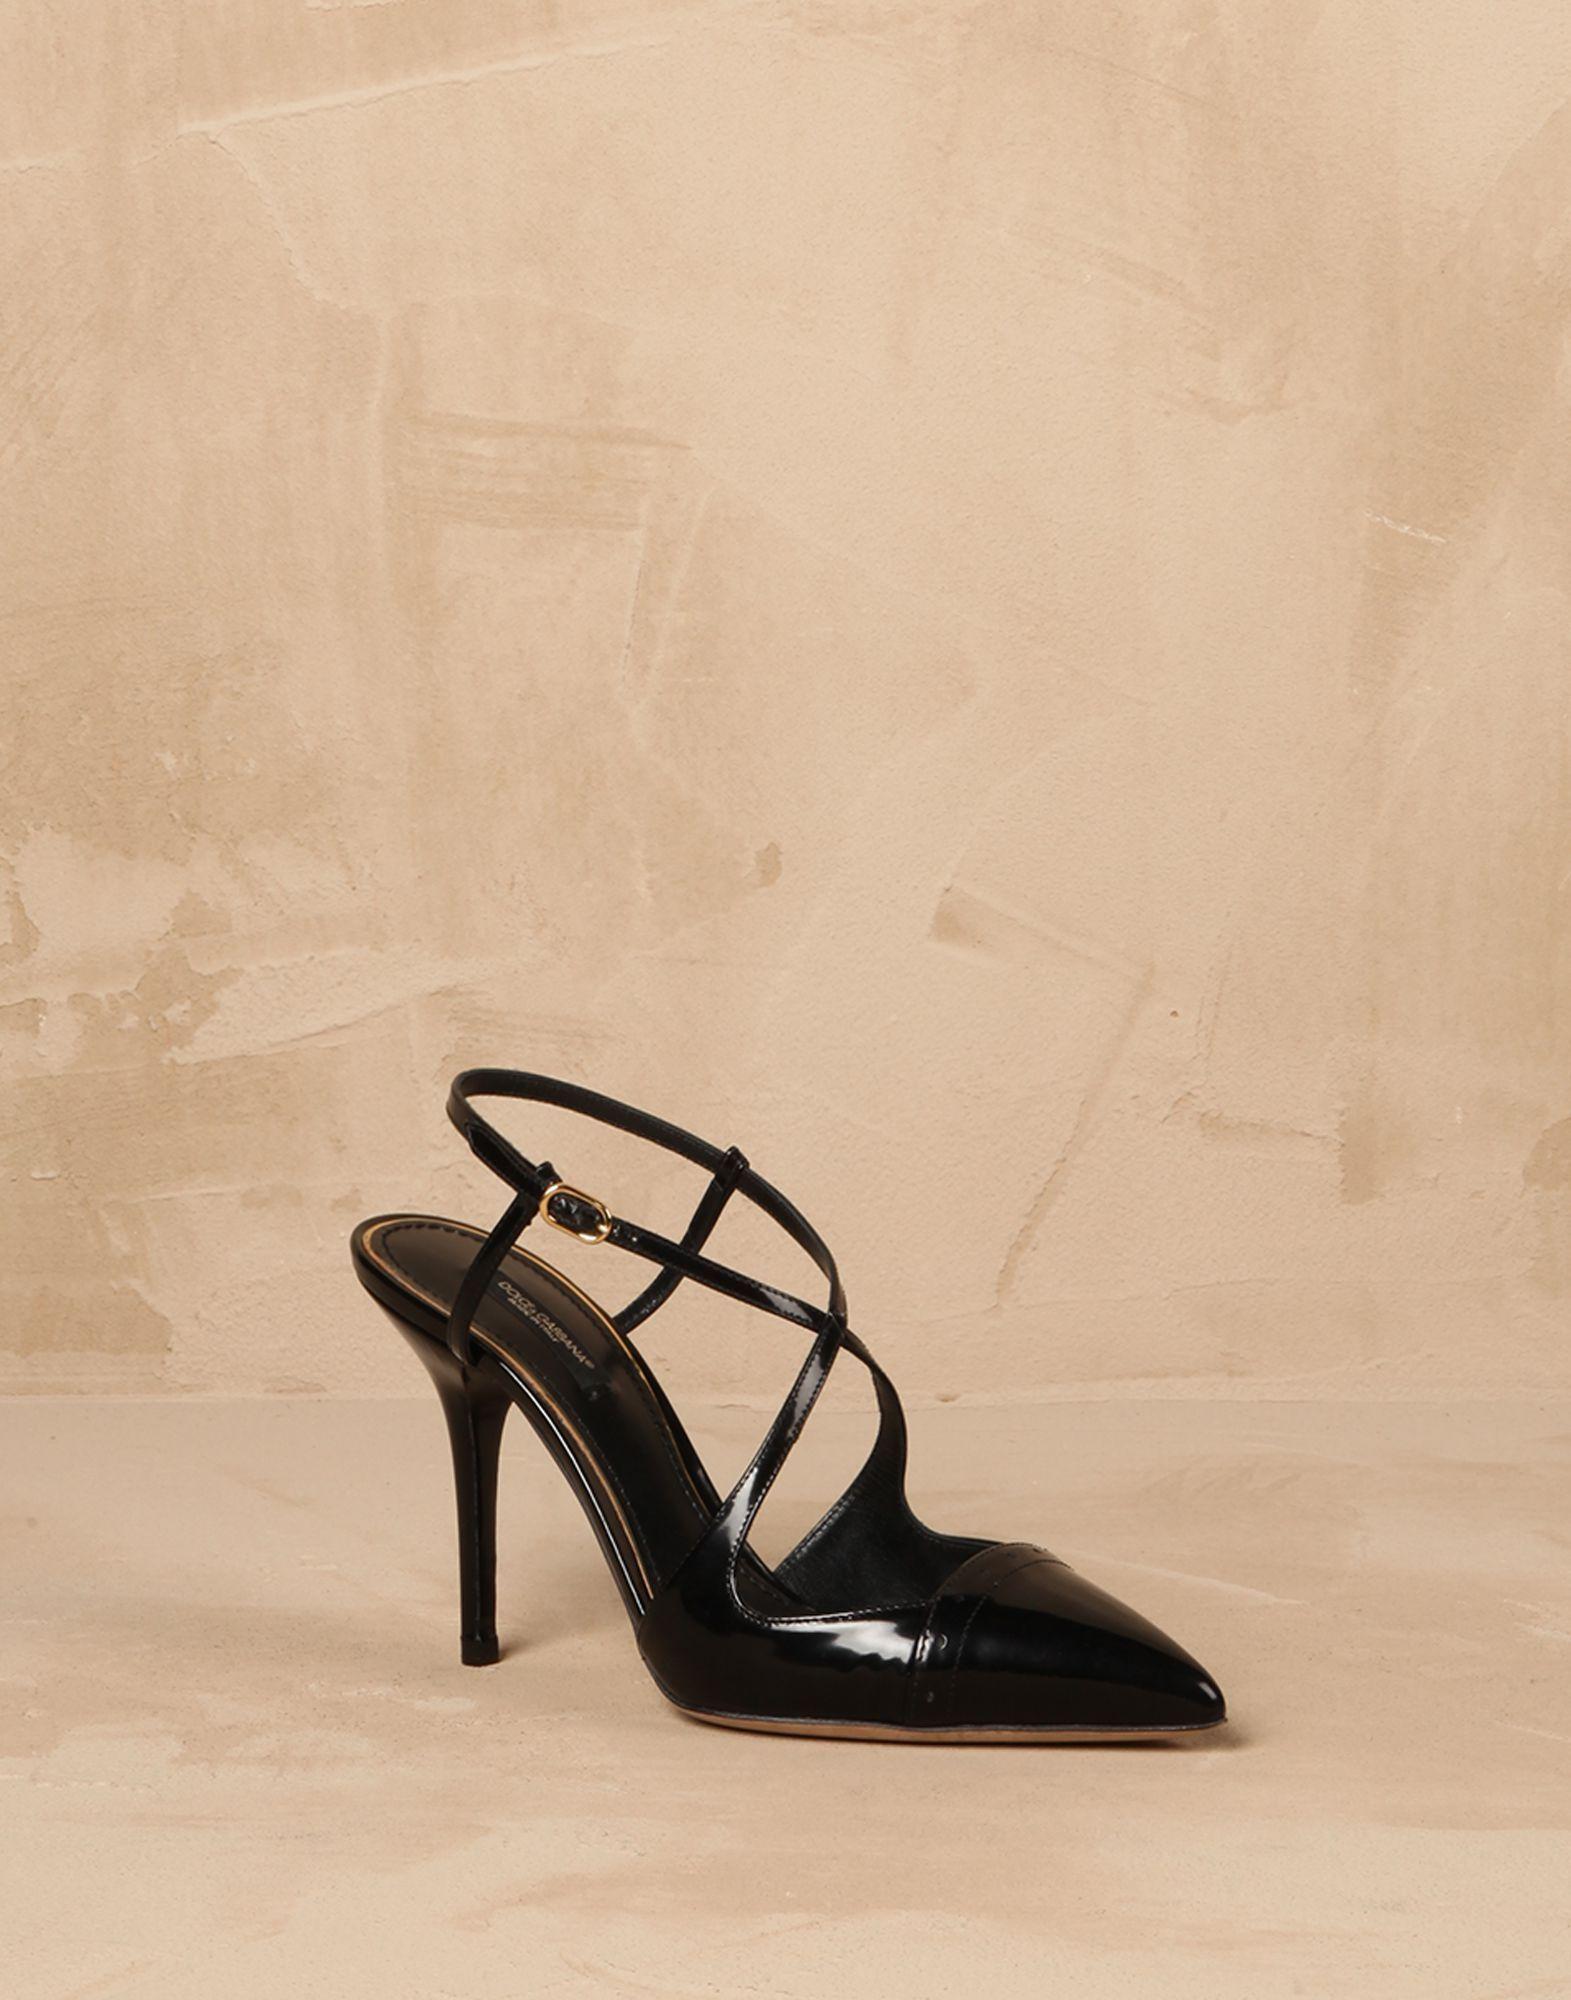 Dolce Gabbana 44589343or Dolce Gabbana Online Dolce And Gabbana Shoes